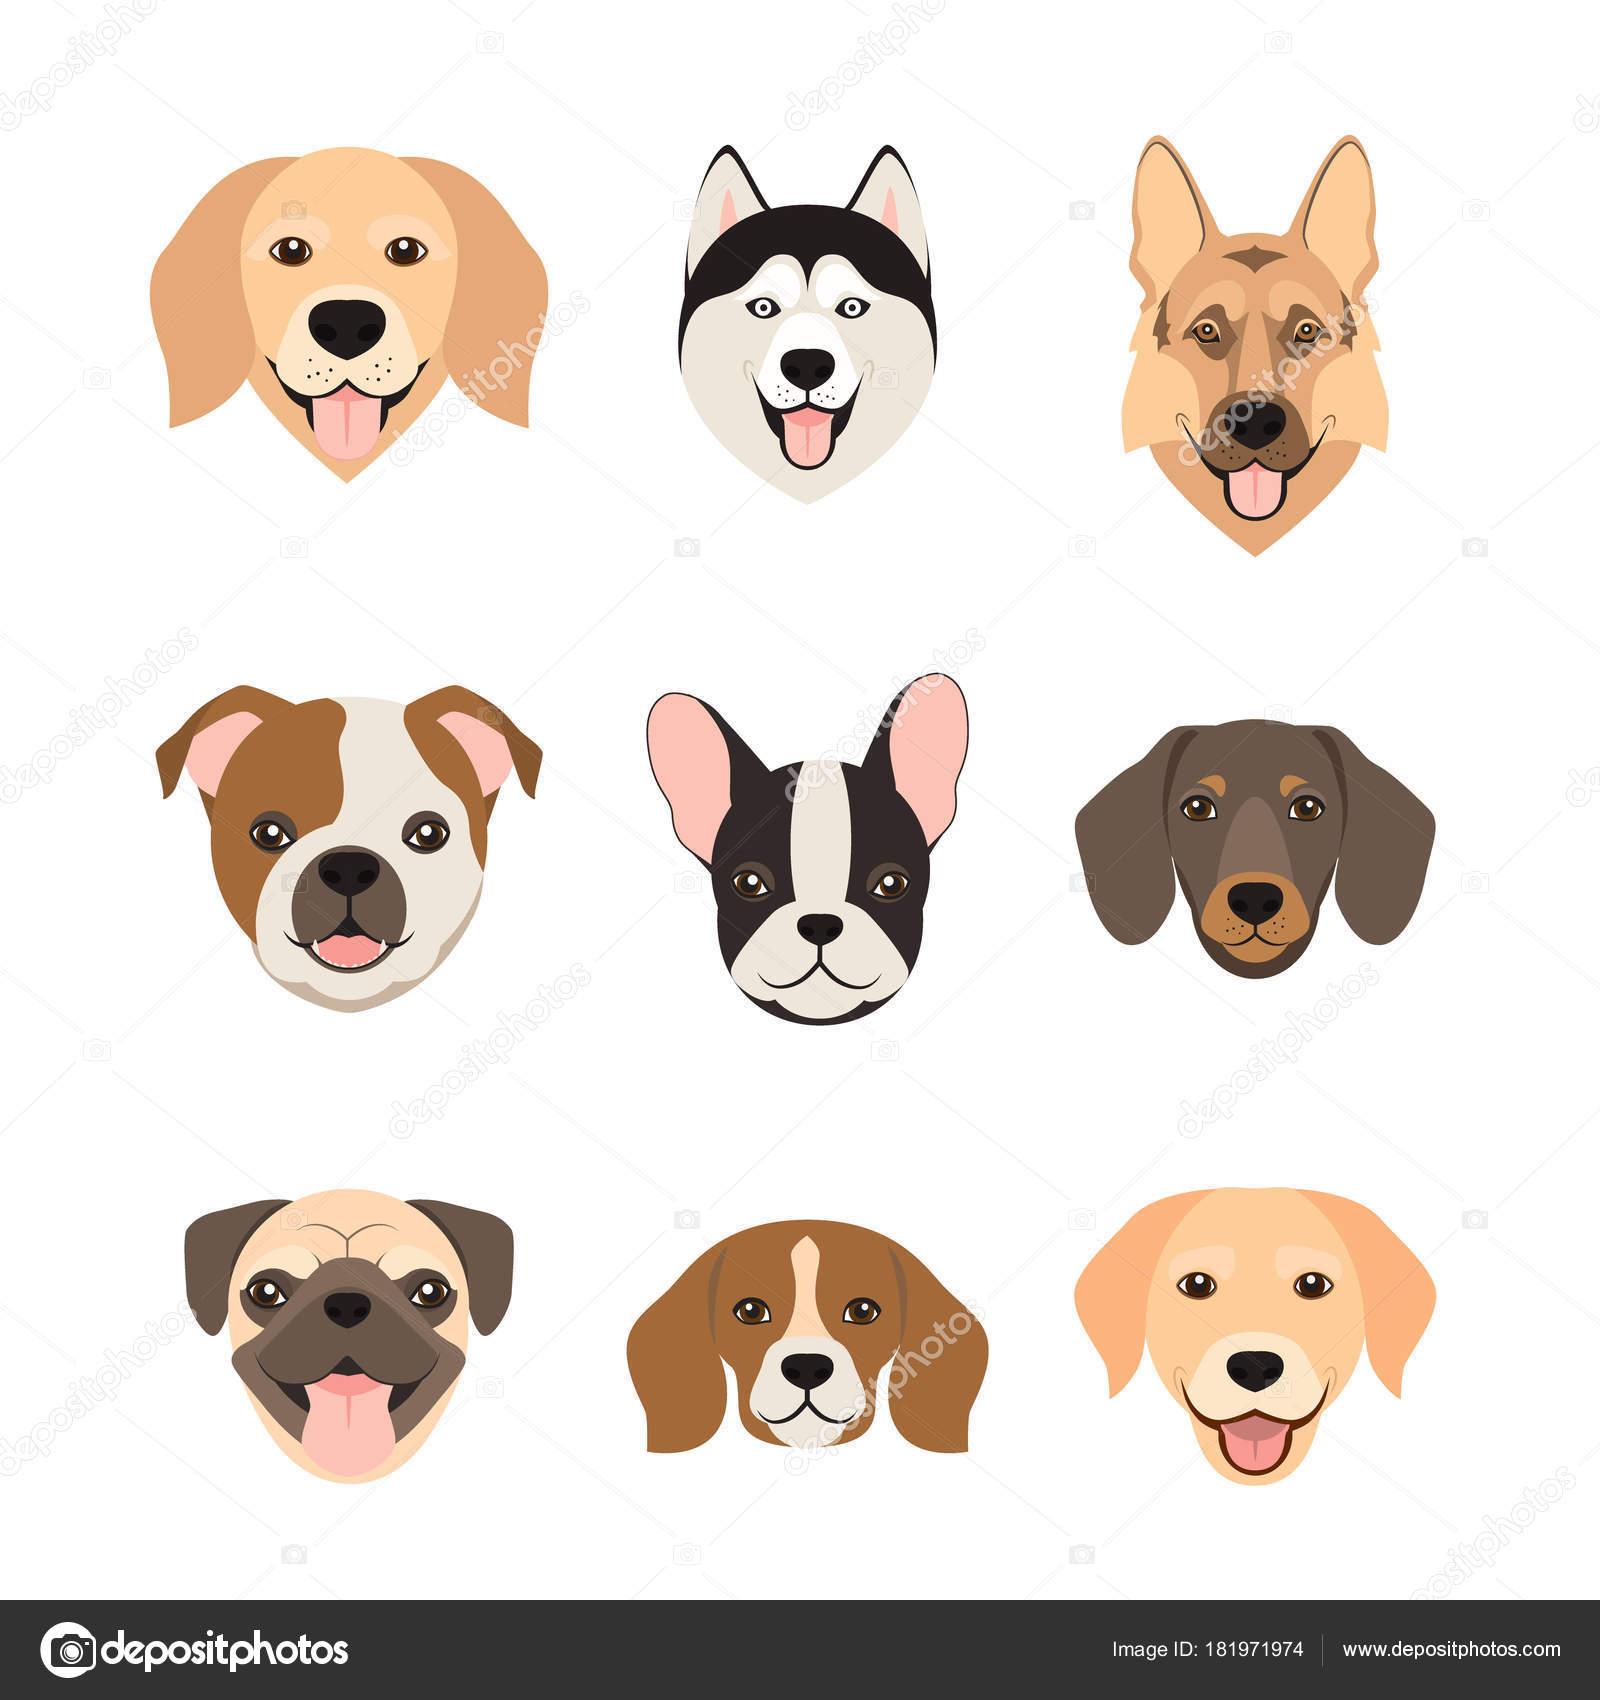 Dibujos Caras De Perros Plano Perro Cabeza Los Iconos De Estilo